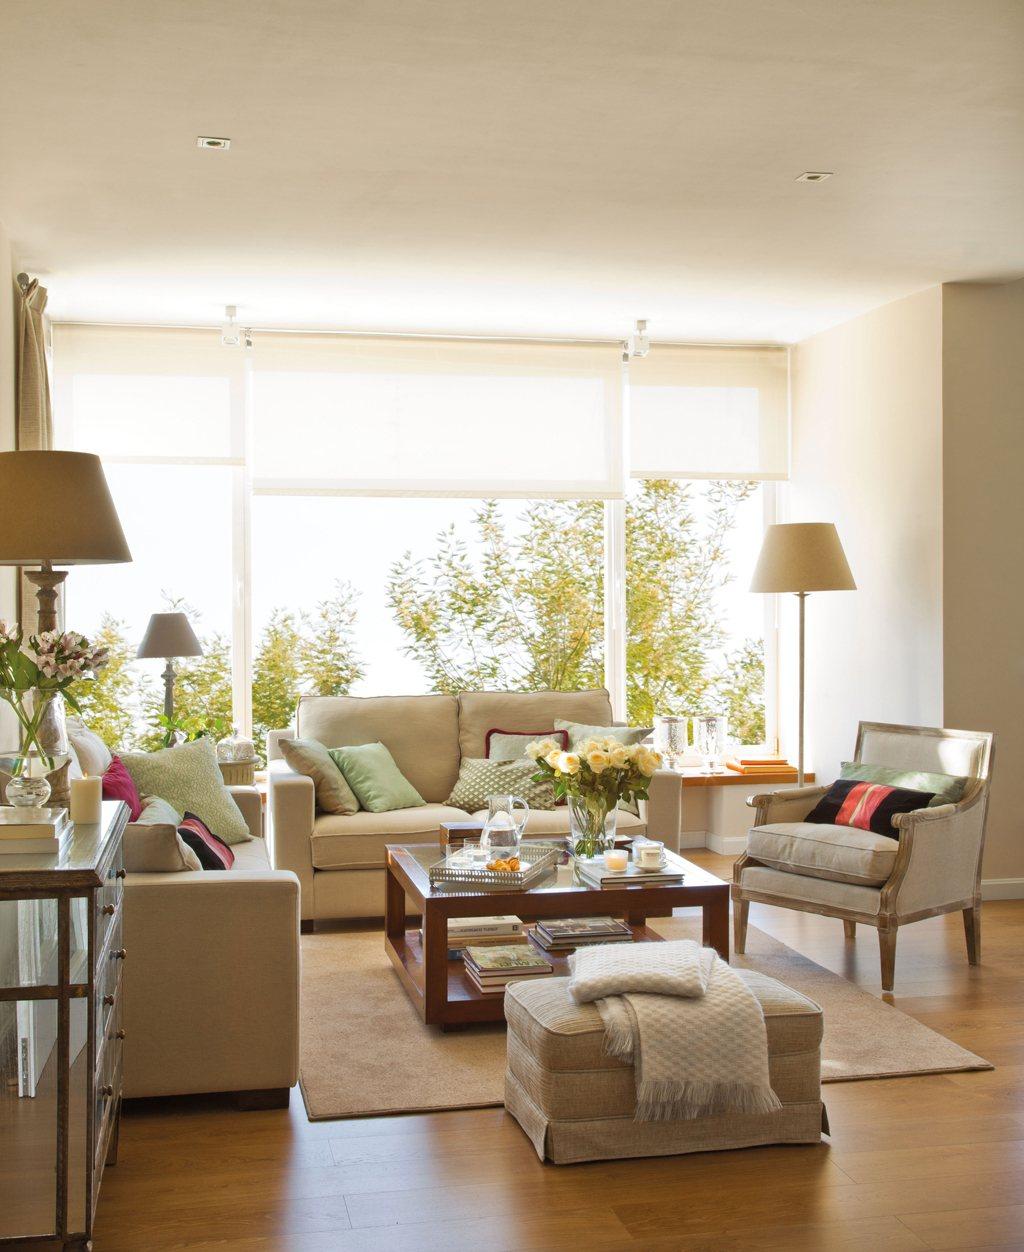 Salones con comedor renovados por el mueble - Fotos de decoracion de salones ...